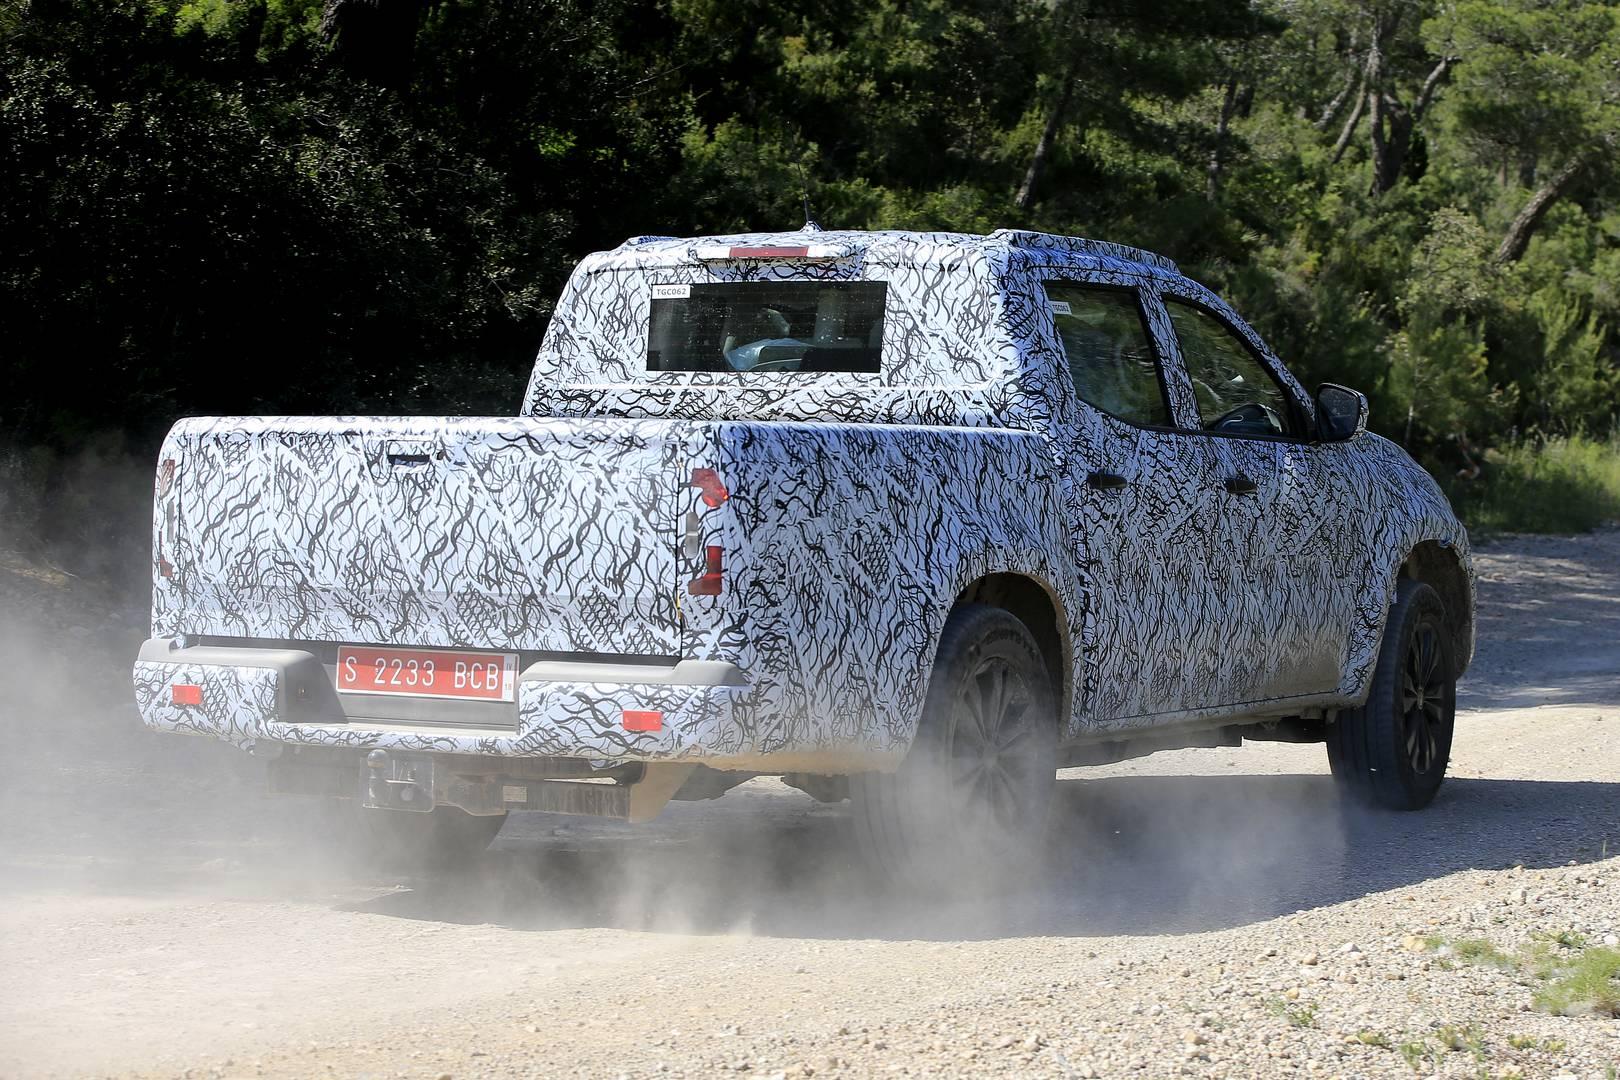 Фотографии были сделаны в Южной Европе, недалеко от того места, где X-Class будет построен - на заводе, совместно используемом Nissan-Renault. На фотографиях мы видим многие знакомые нам черты дизайна Mercedes-Benz. Пикап будет иметь широкую решетку,